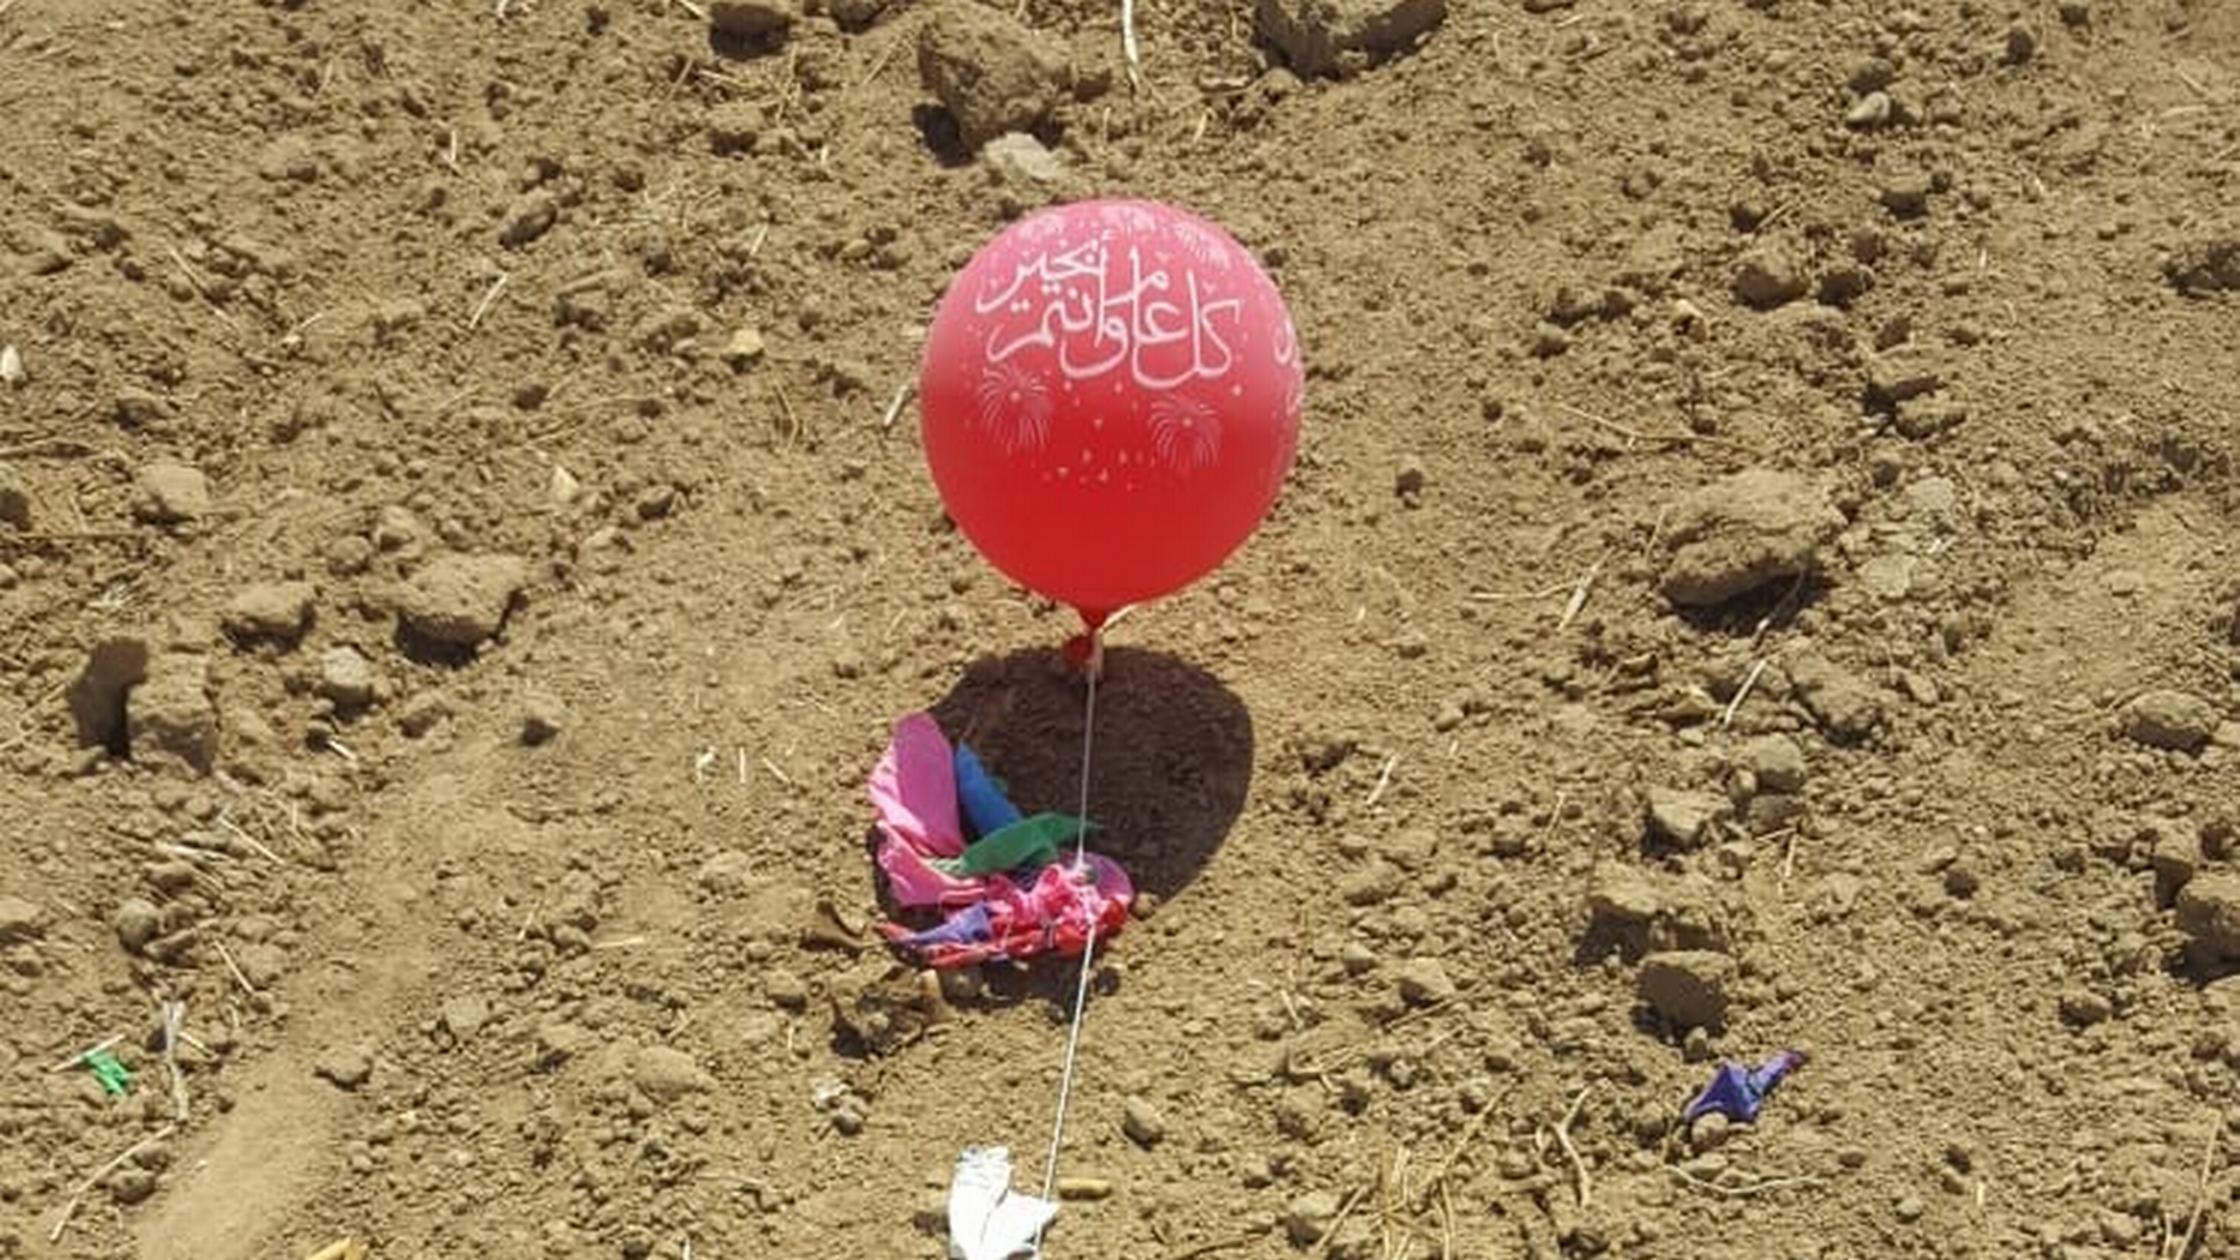 טרור הבלונים: שריפה פרצה סמוך לקיבוץ ארז